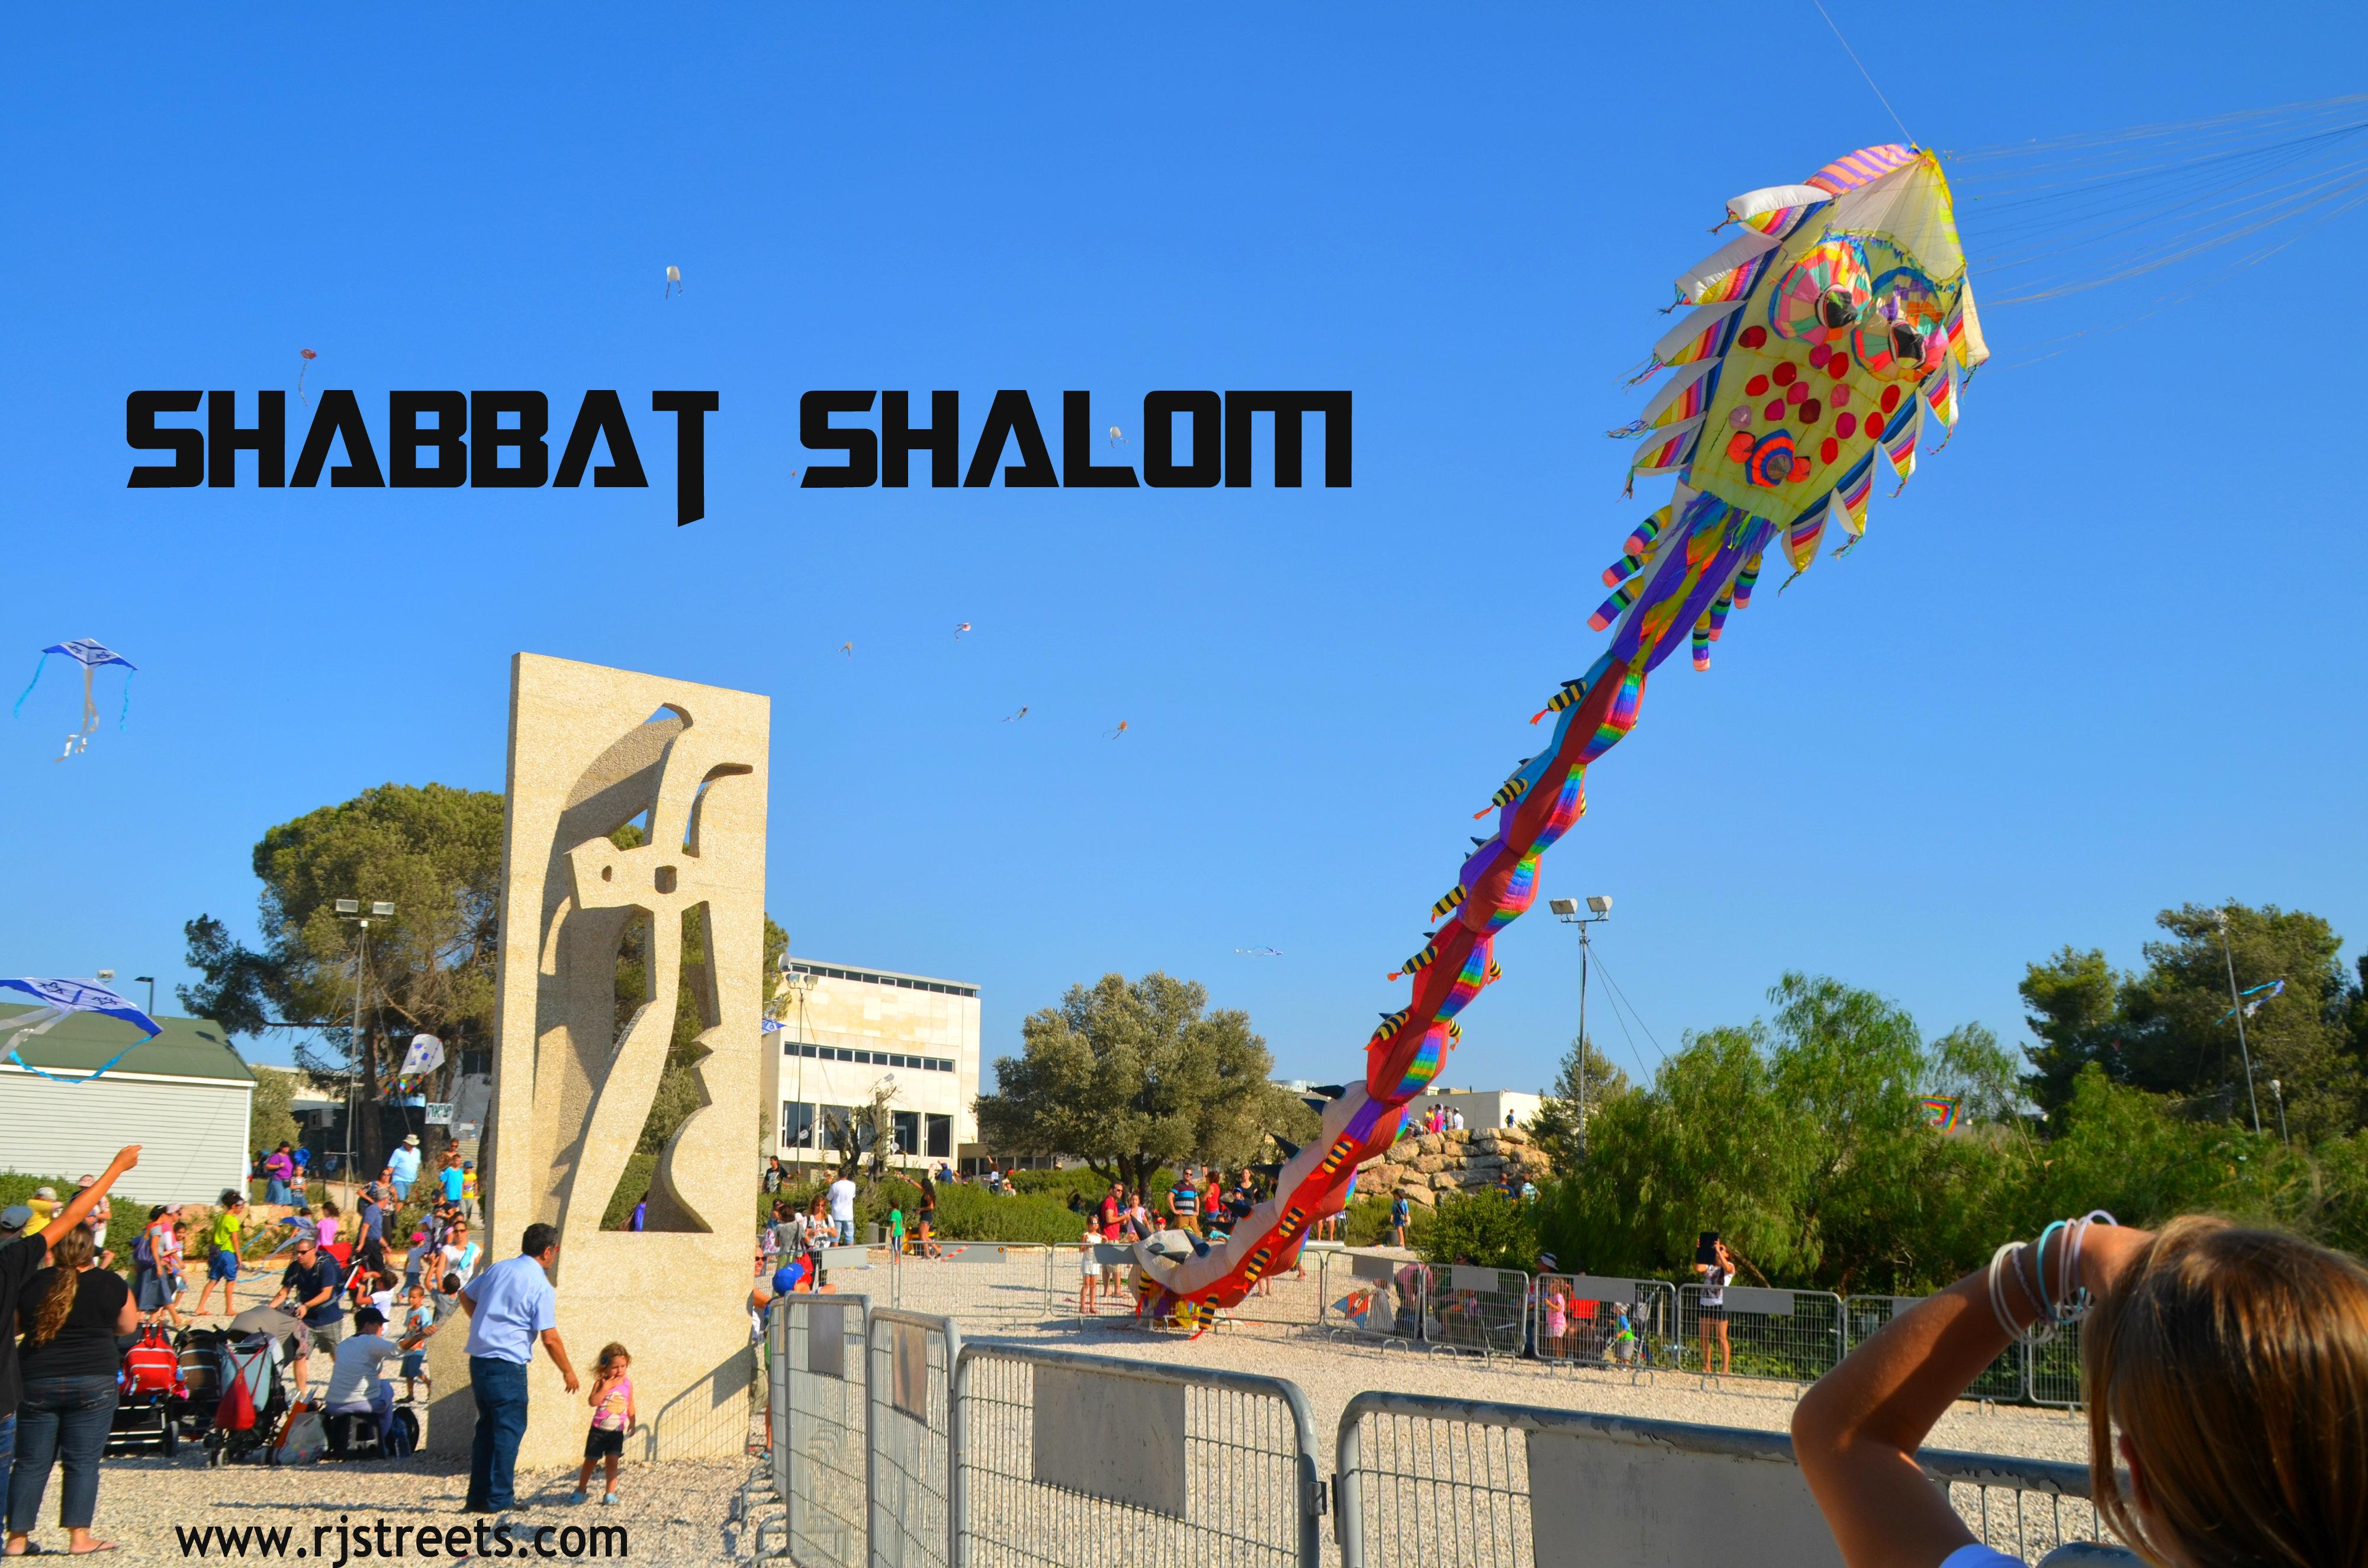 Shabbat shalom , Israel museum kite festival